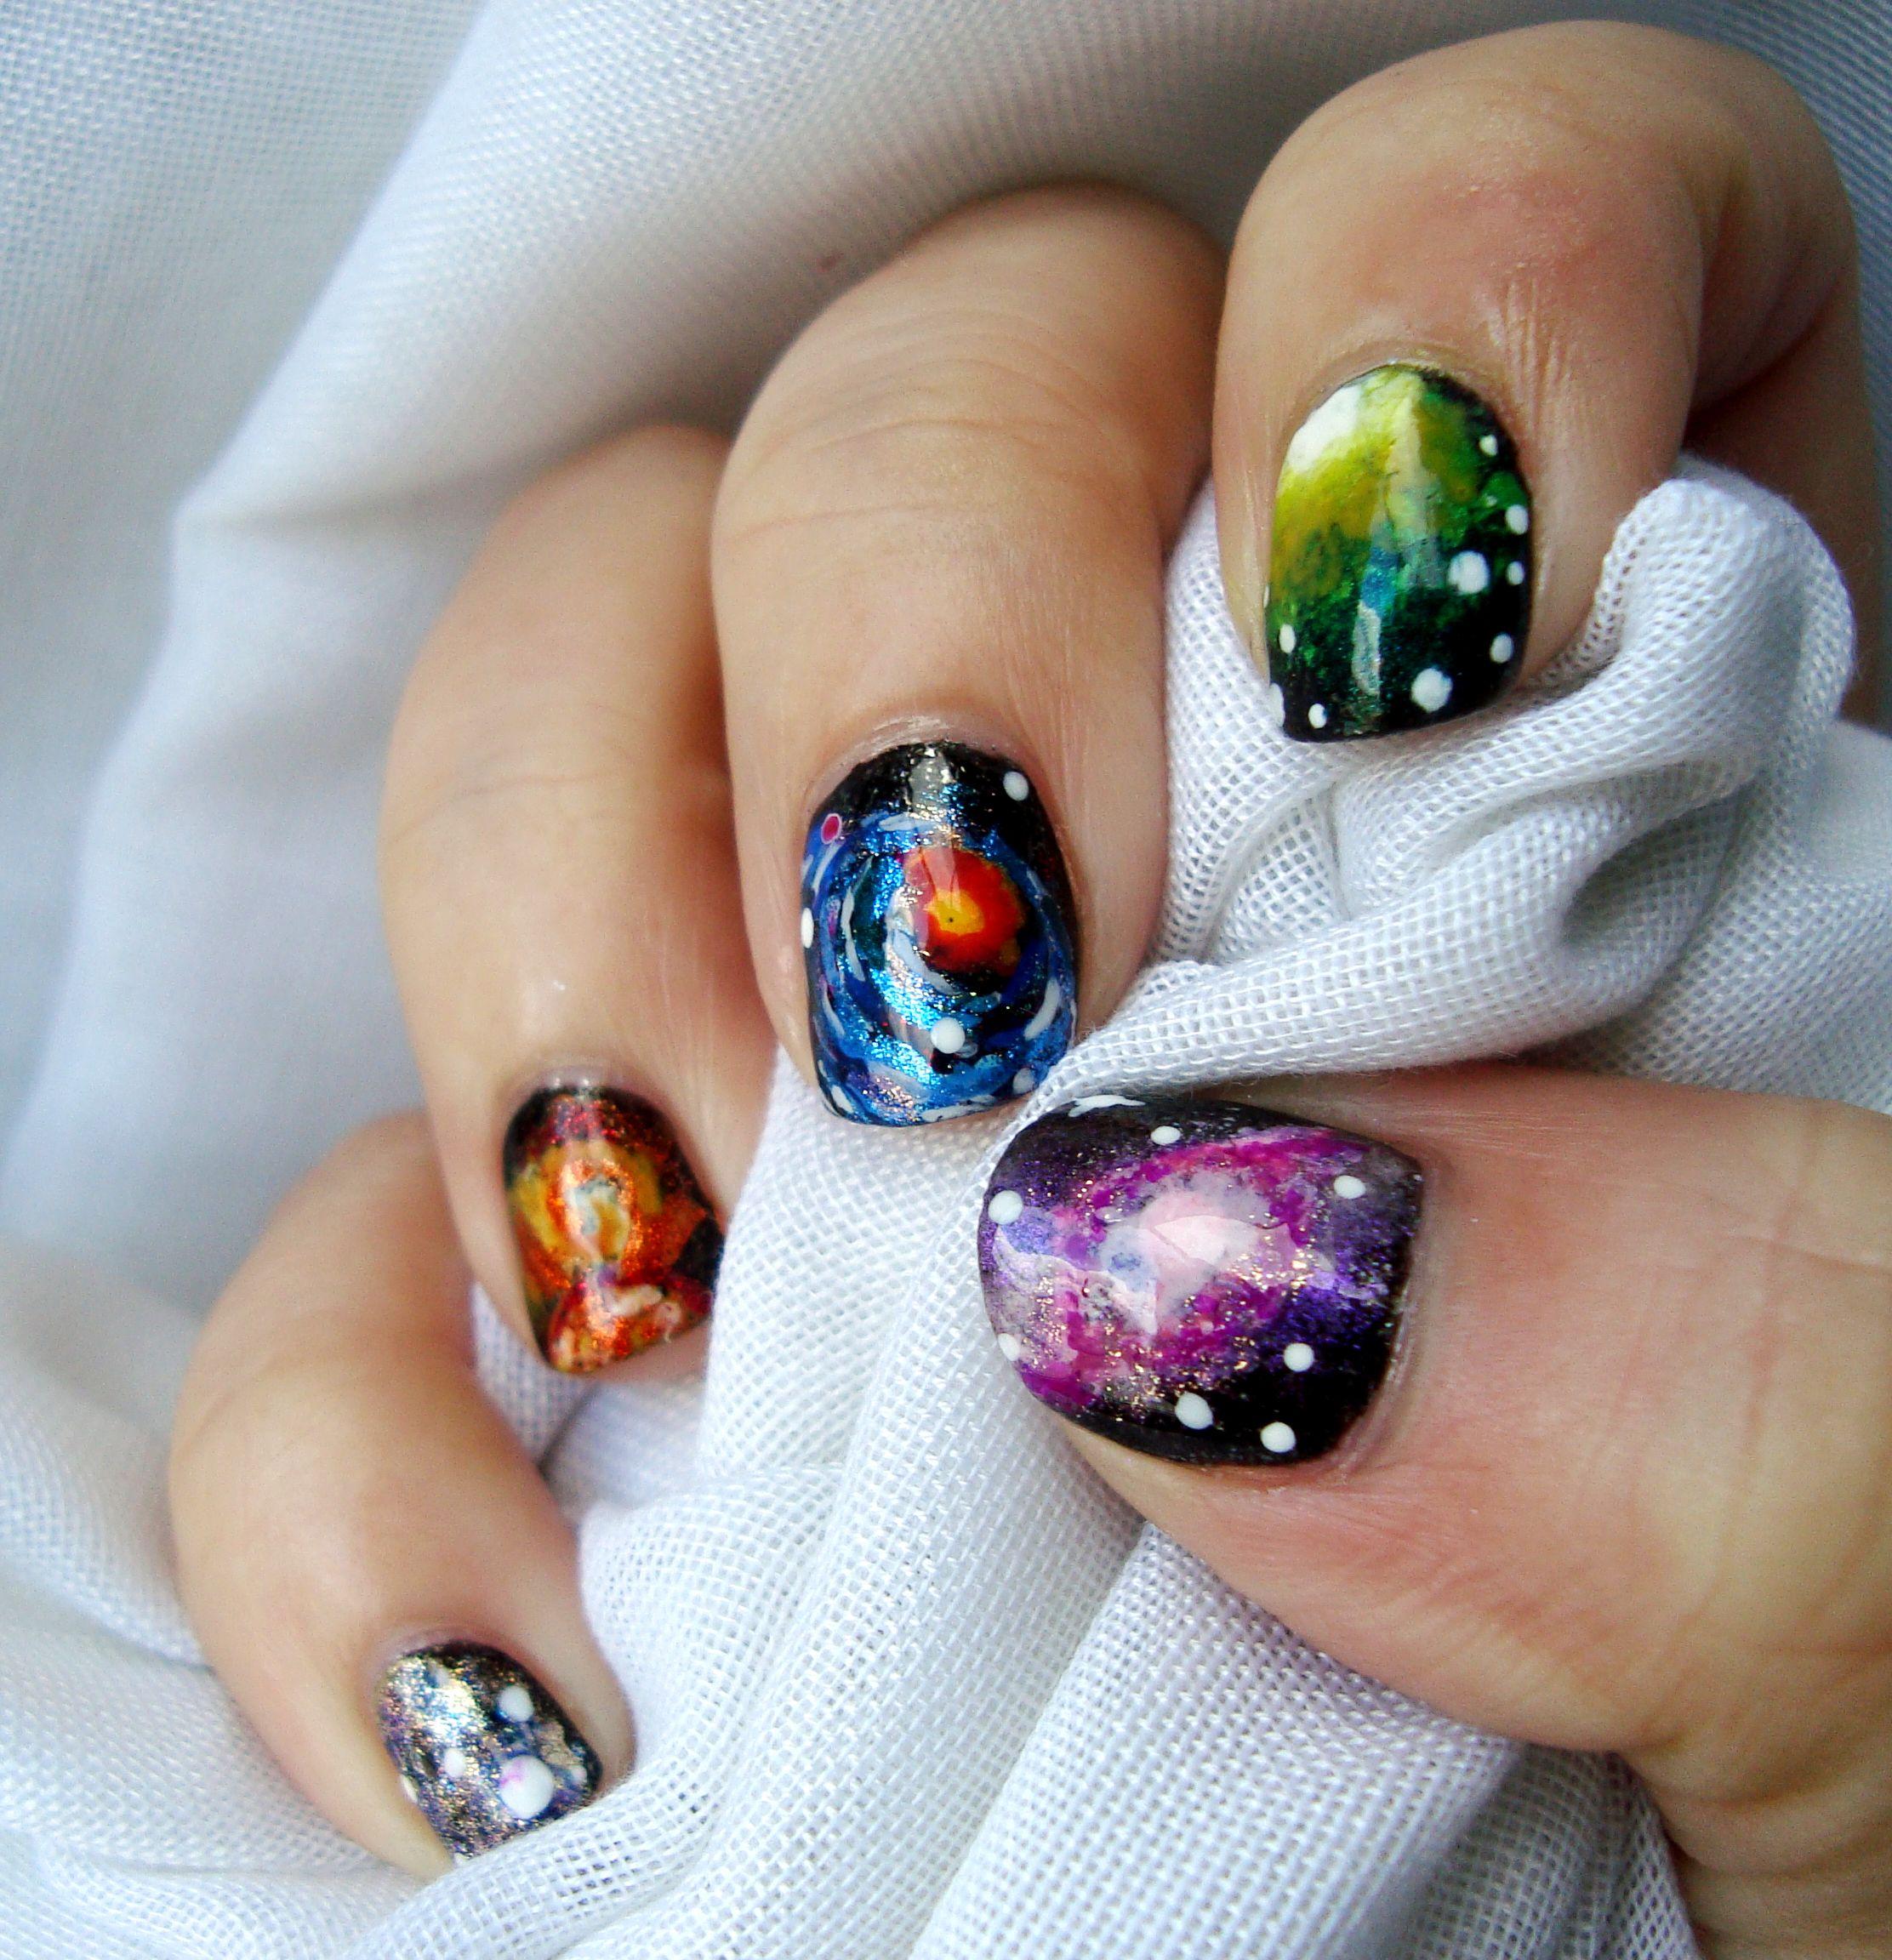 Diseño de uñas de galaxias. Galaxy nails. | Nail art by Vilcis ...